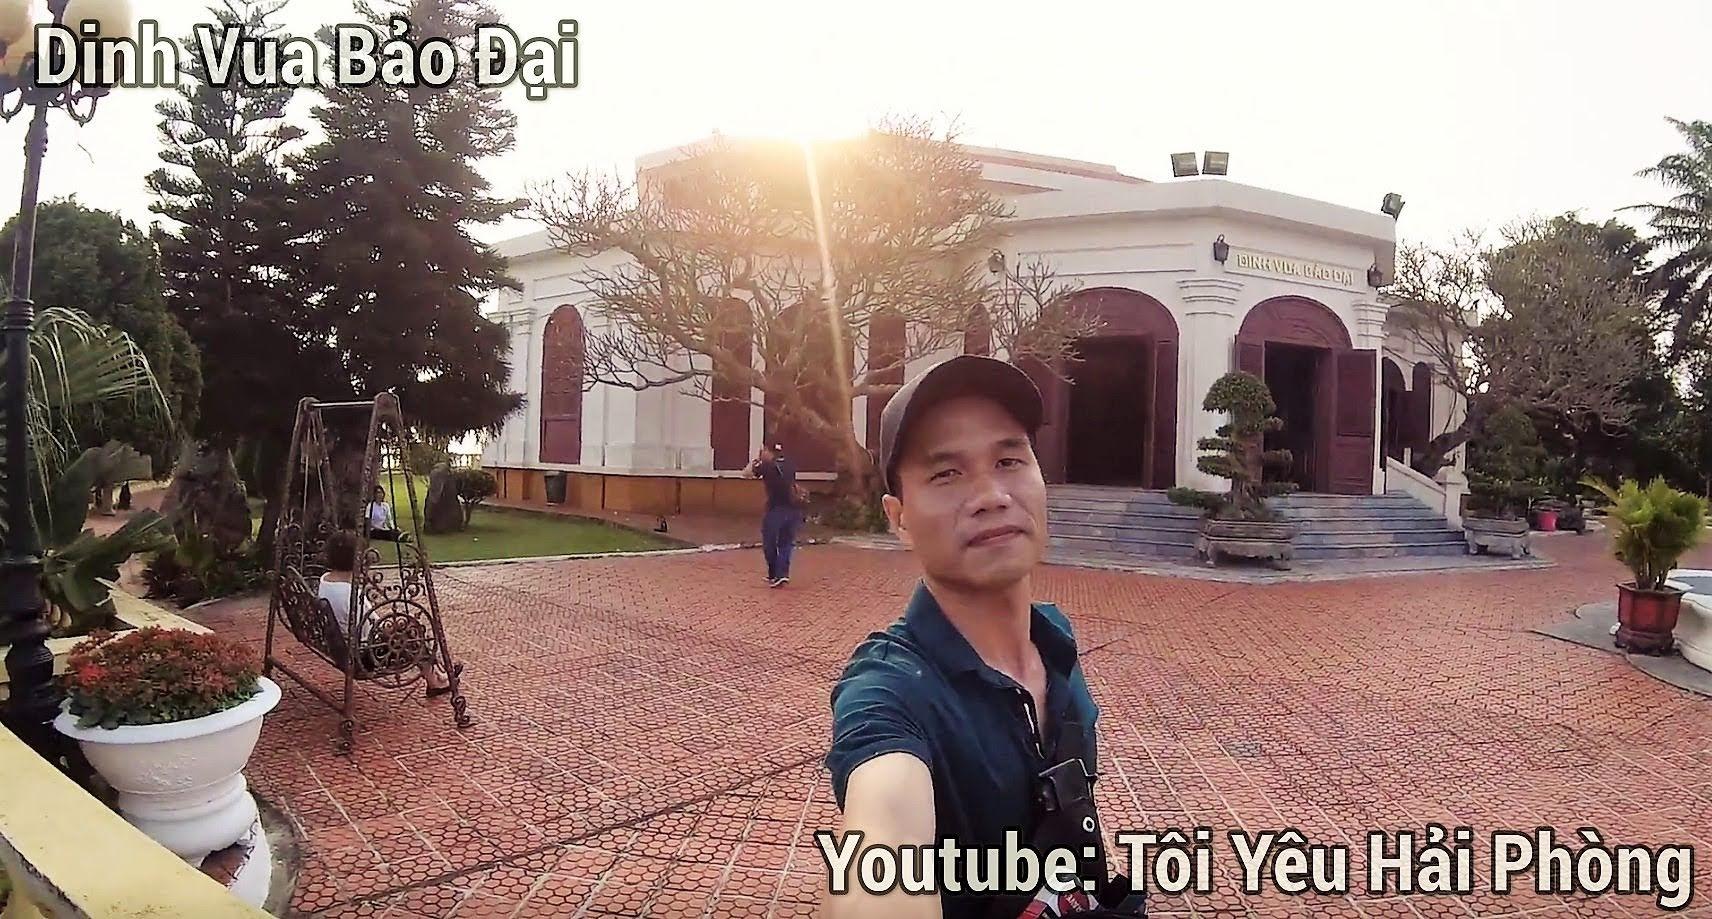 Điểm check in chụp ảnh Dinh Vua Bảo Đại ở Đồ Sơn Hải Phòng 4